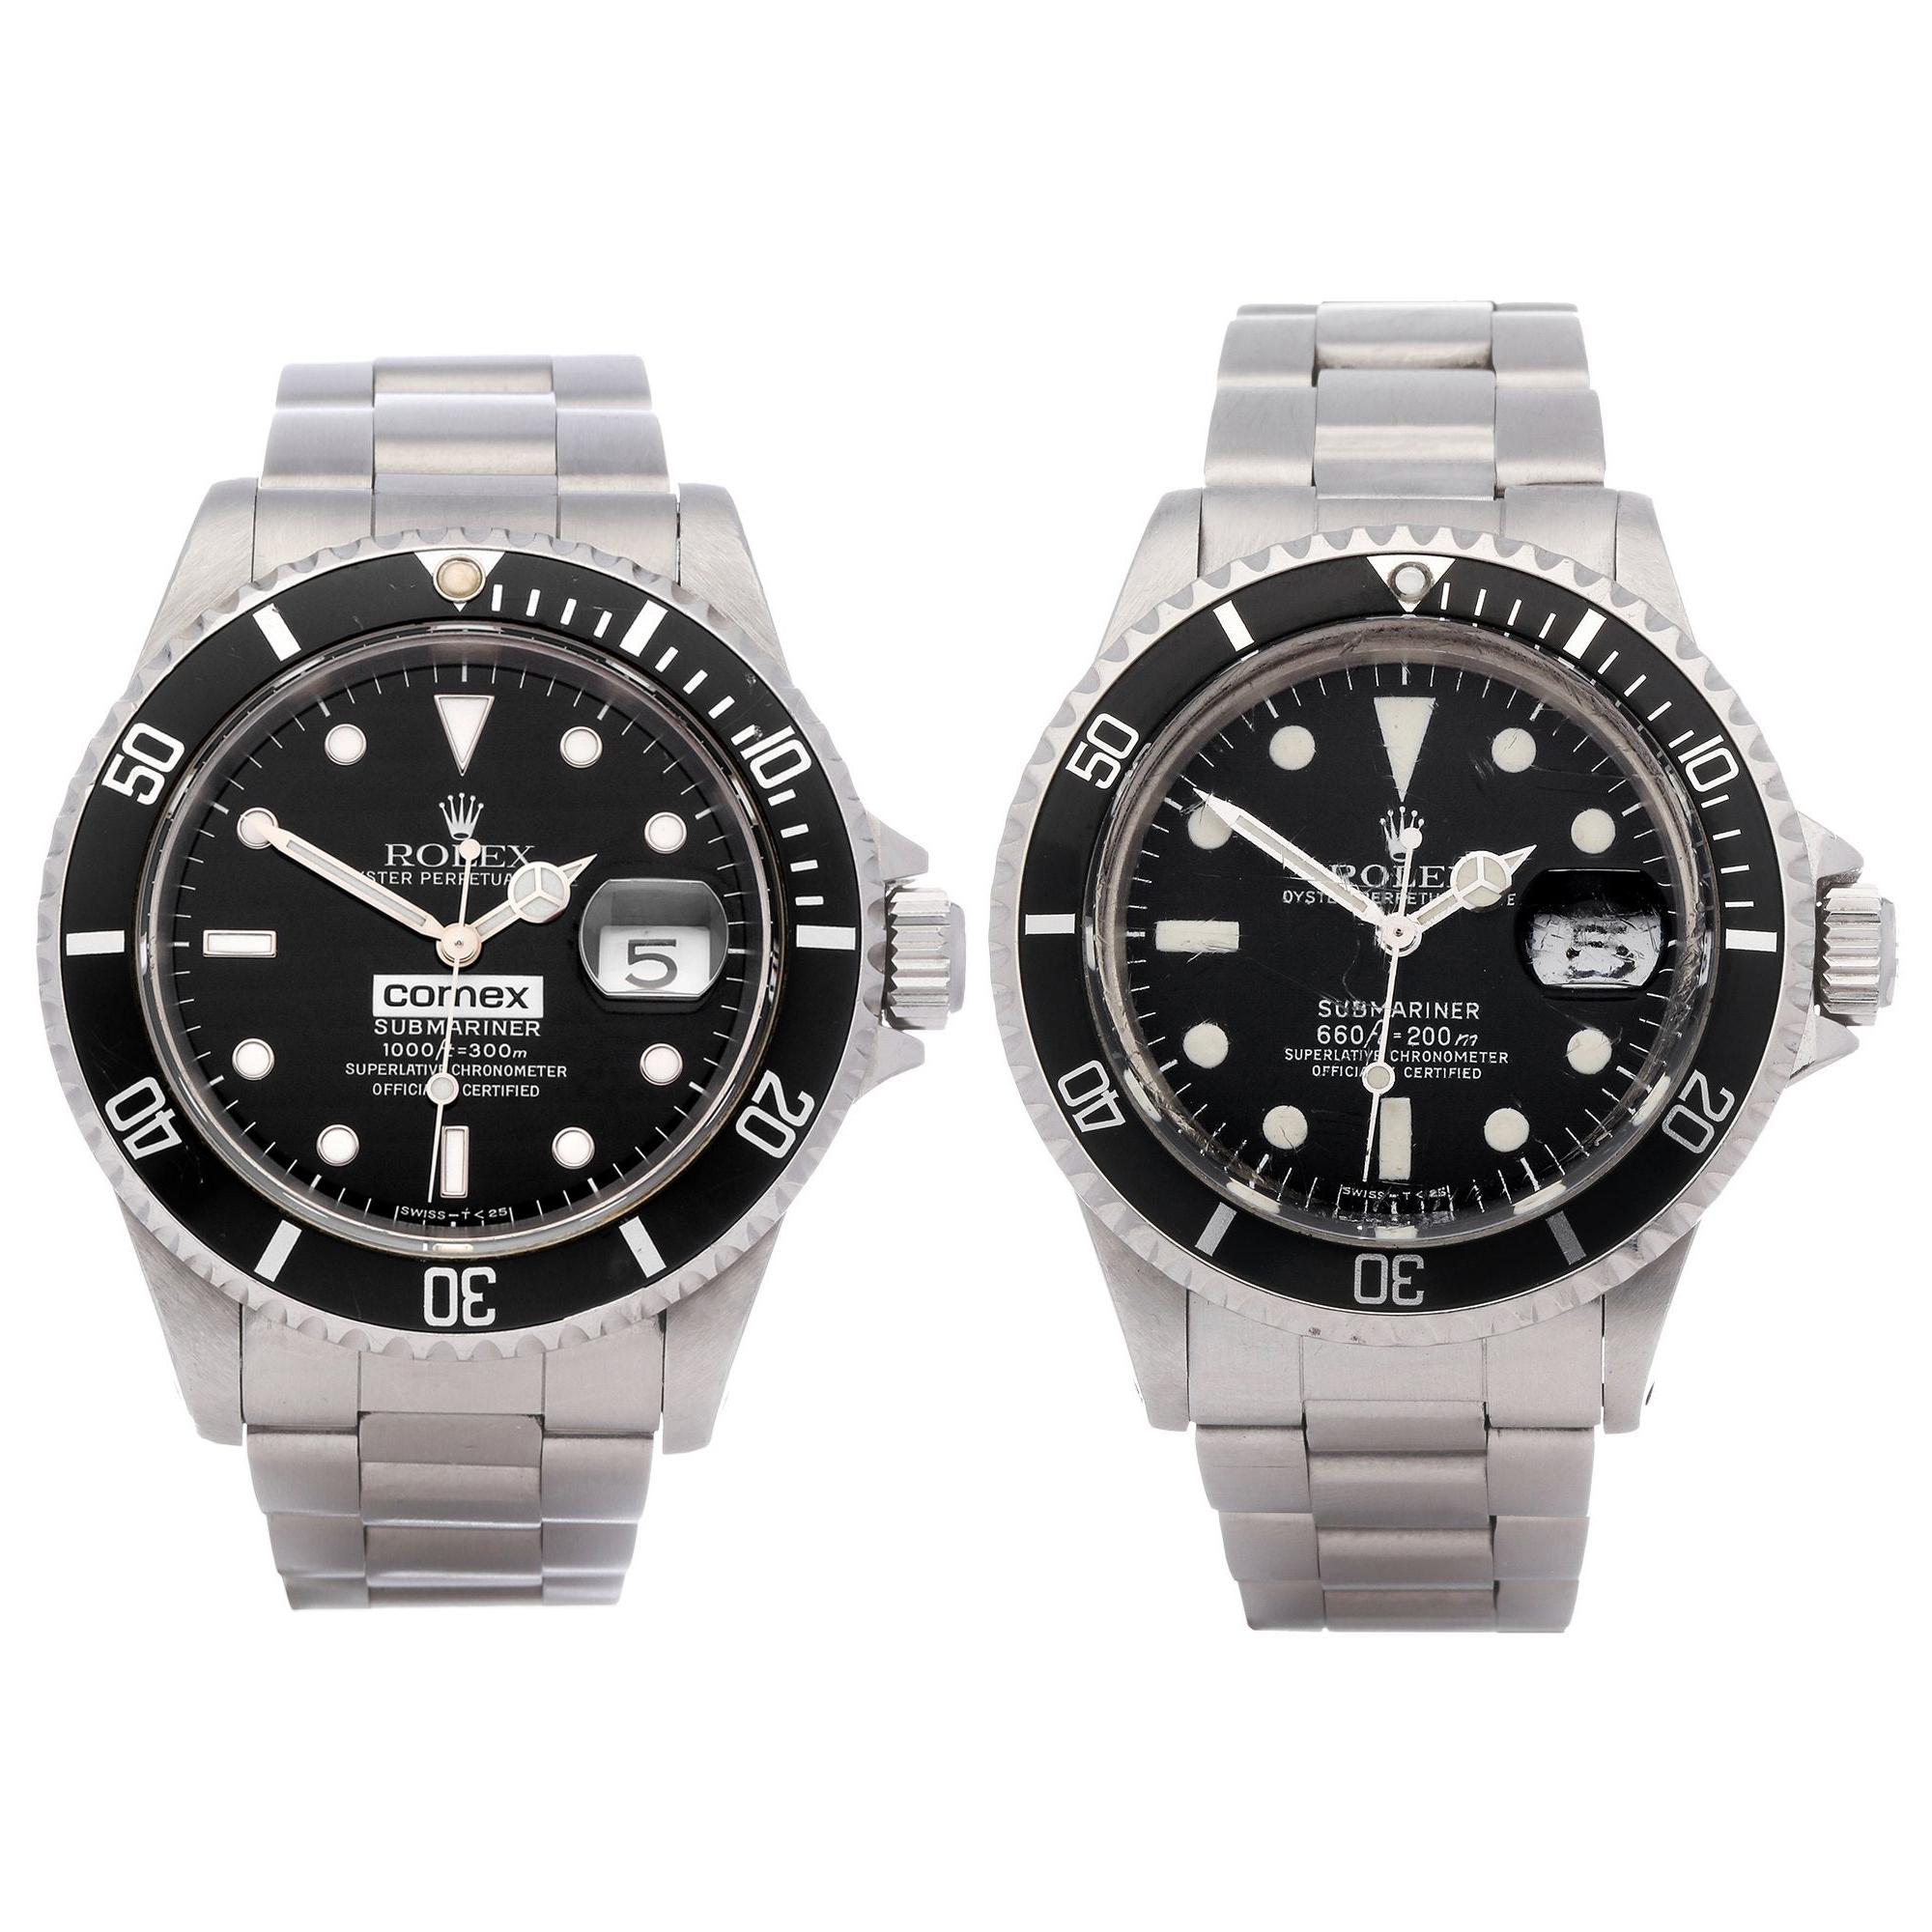 Rolex Submariner 0 16610 Men Stainless Steel Comex Watch